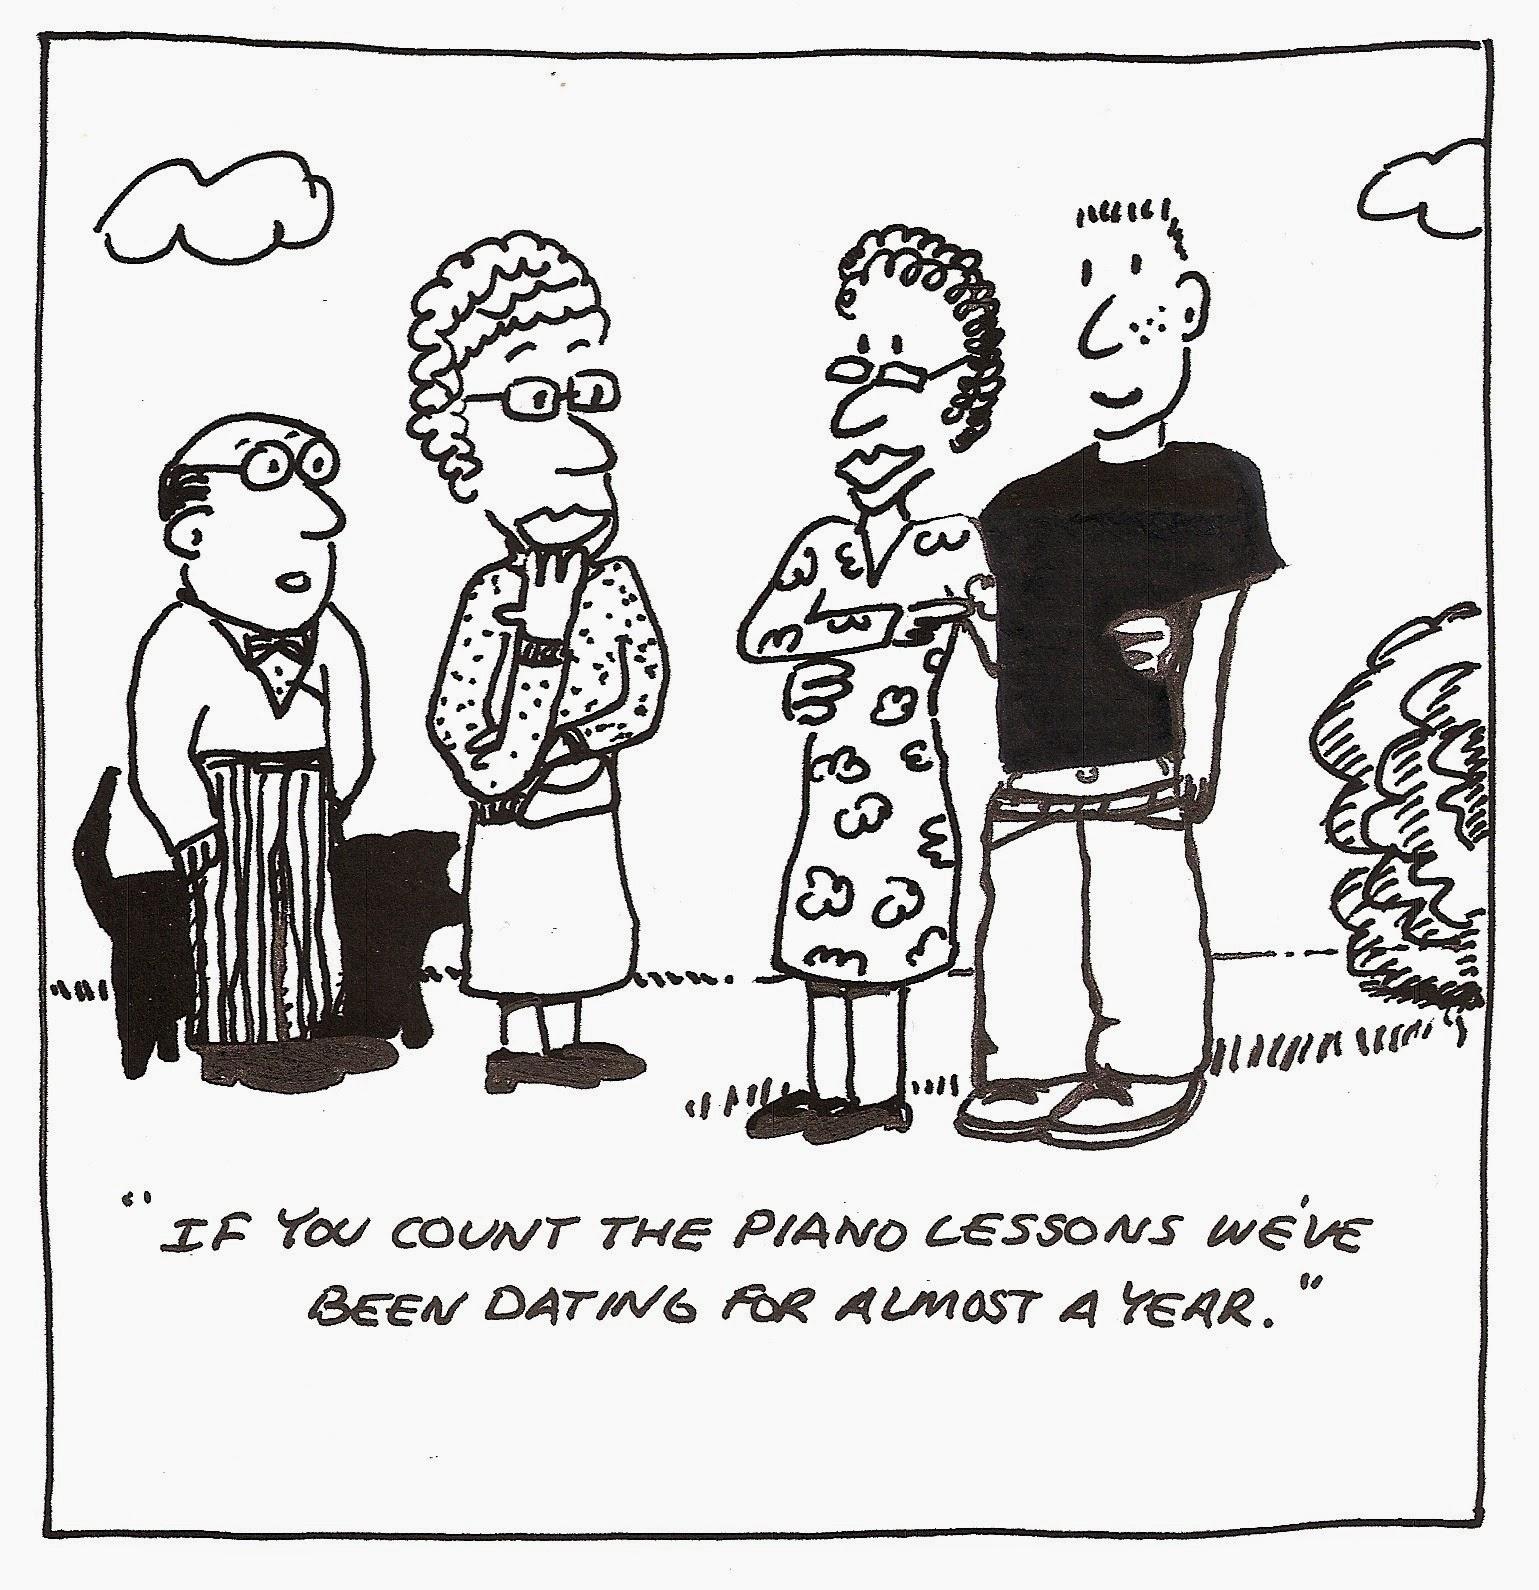 Cartoon, Funny Jokes on Immature